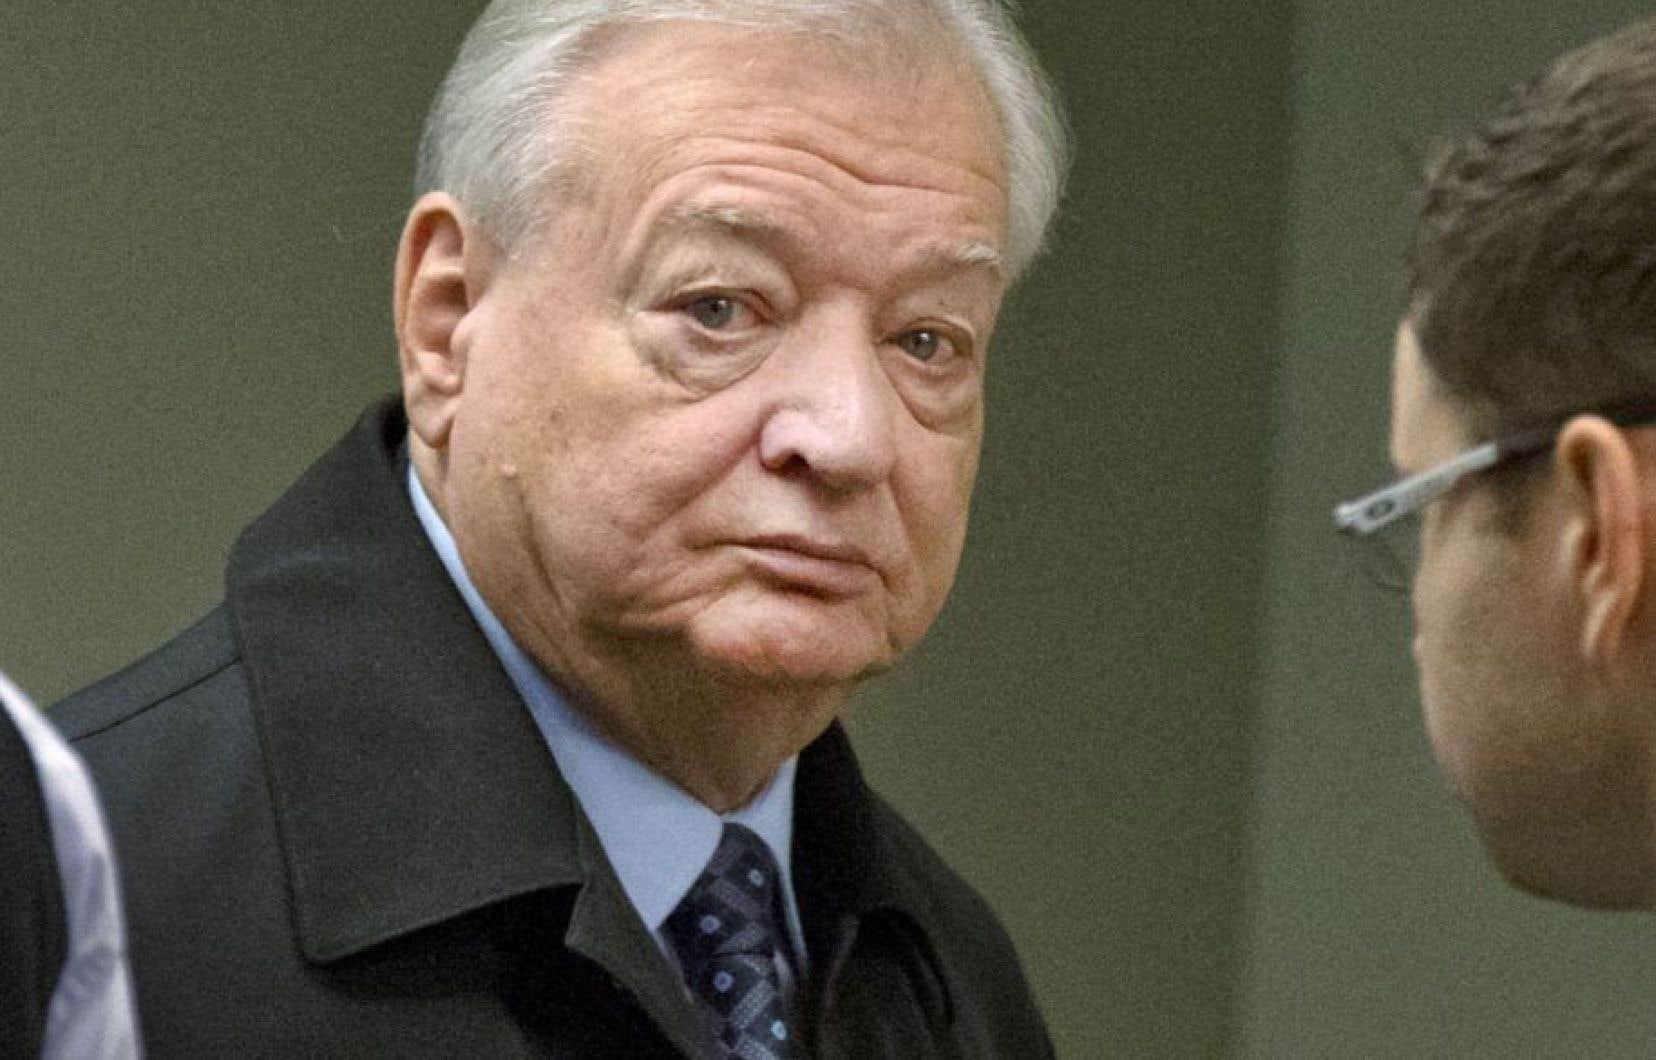 Gilles Vaillancourt a aussi accepté de rembourser 8,5 millions de dollars à la Ville de Laval, dont il a été le maire pendant plus de 20 ans.